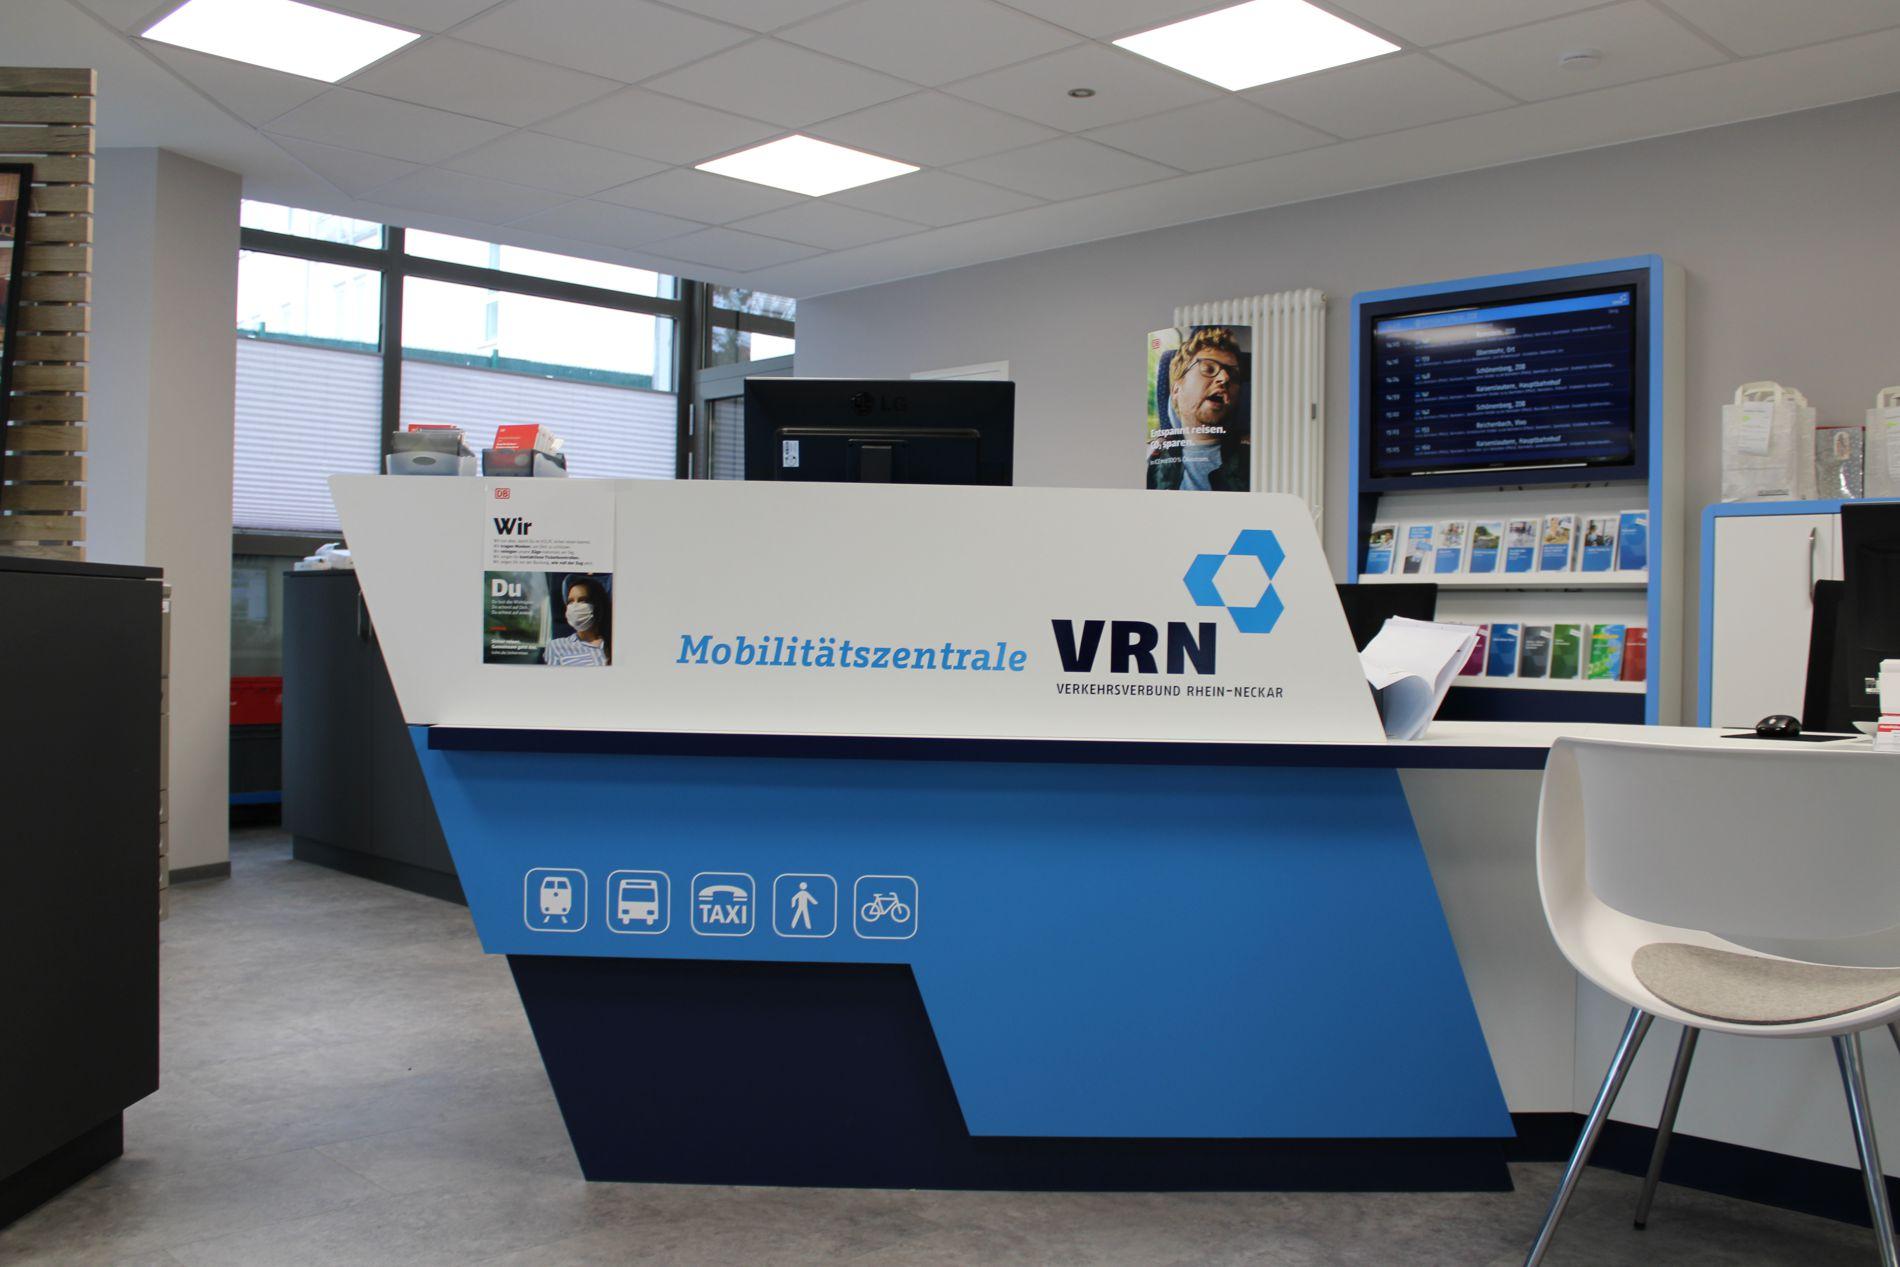 Counter der VRN Mobilitätszentrale in Ramstein im typischen VRN blau